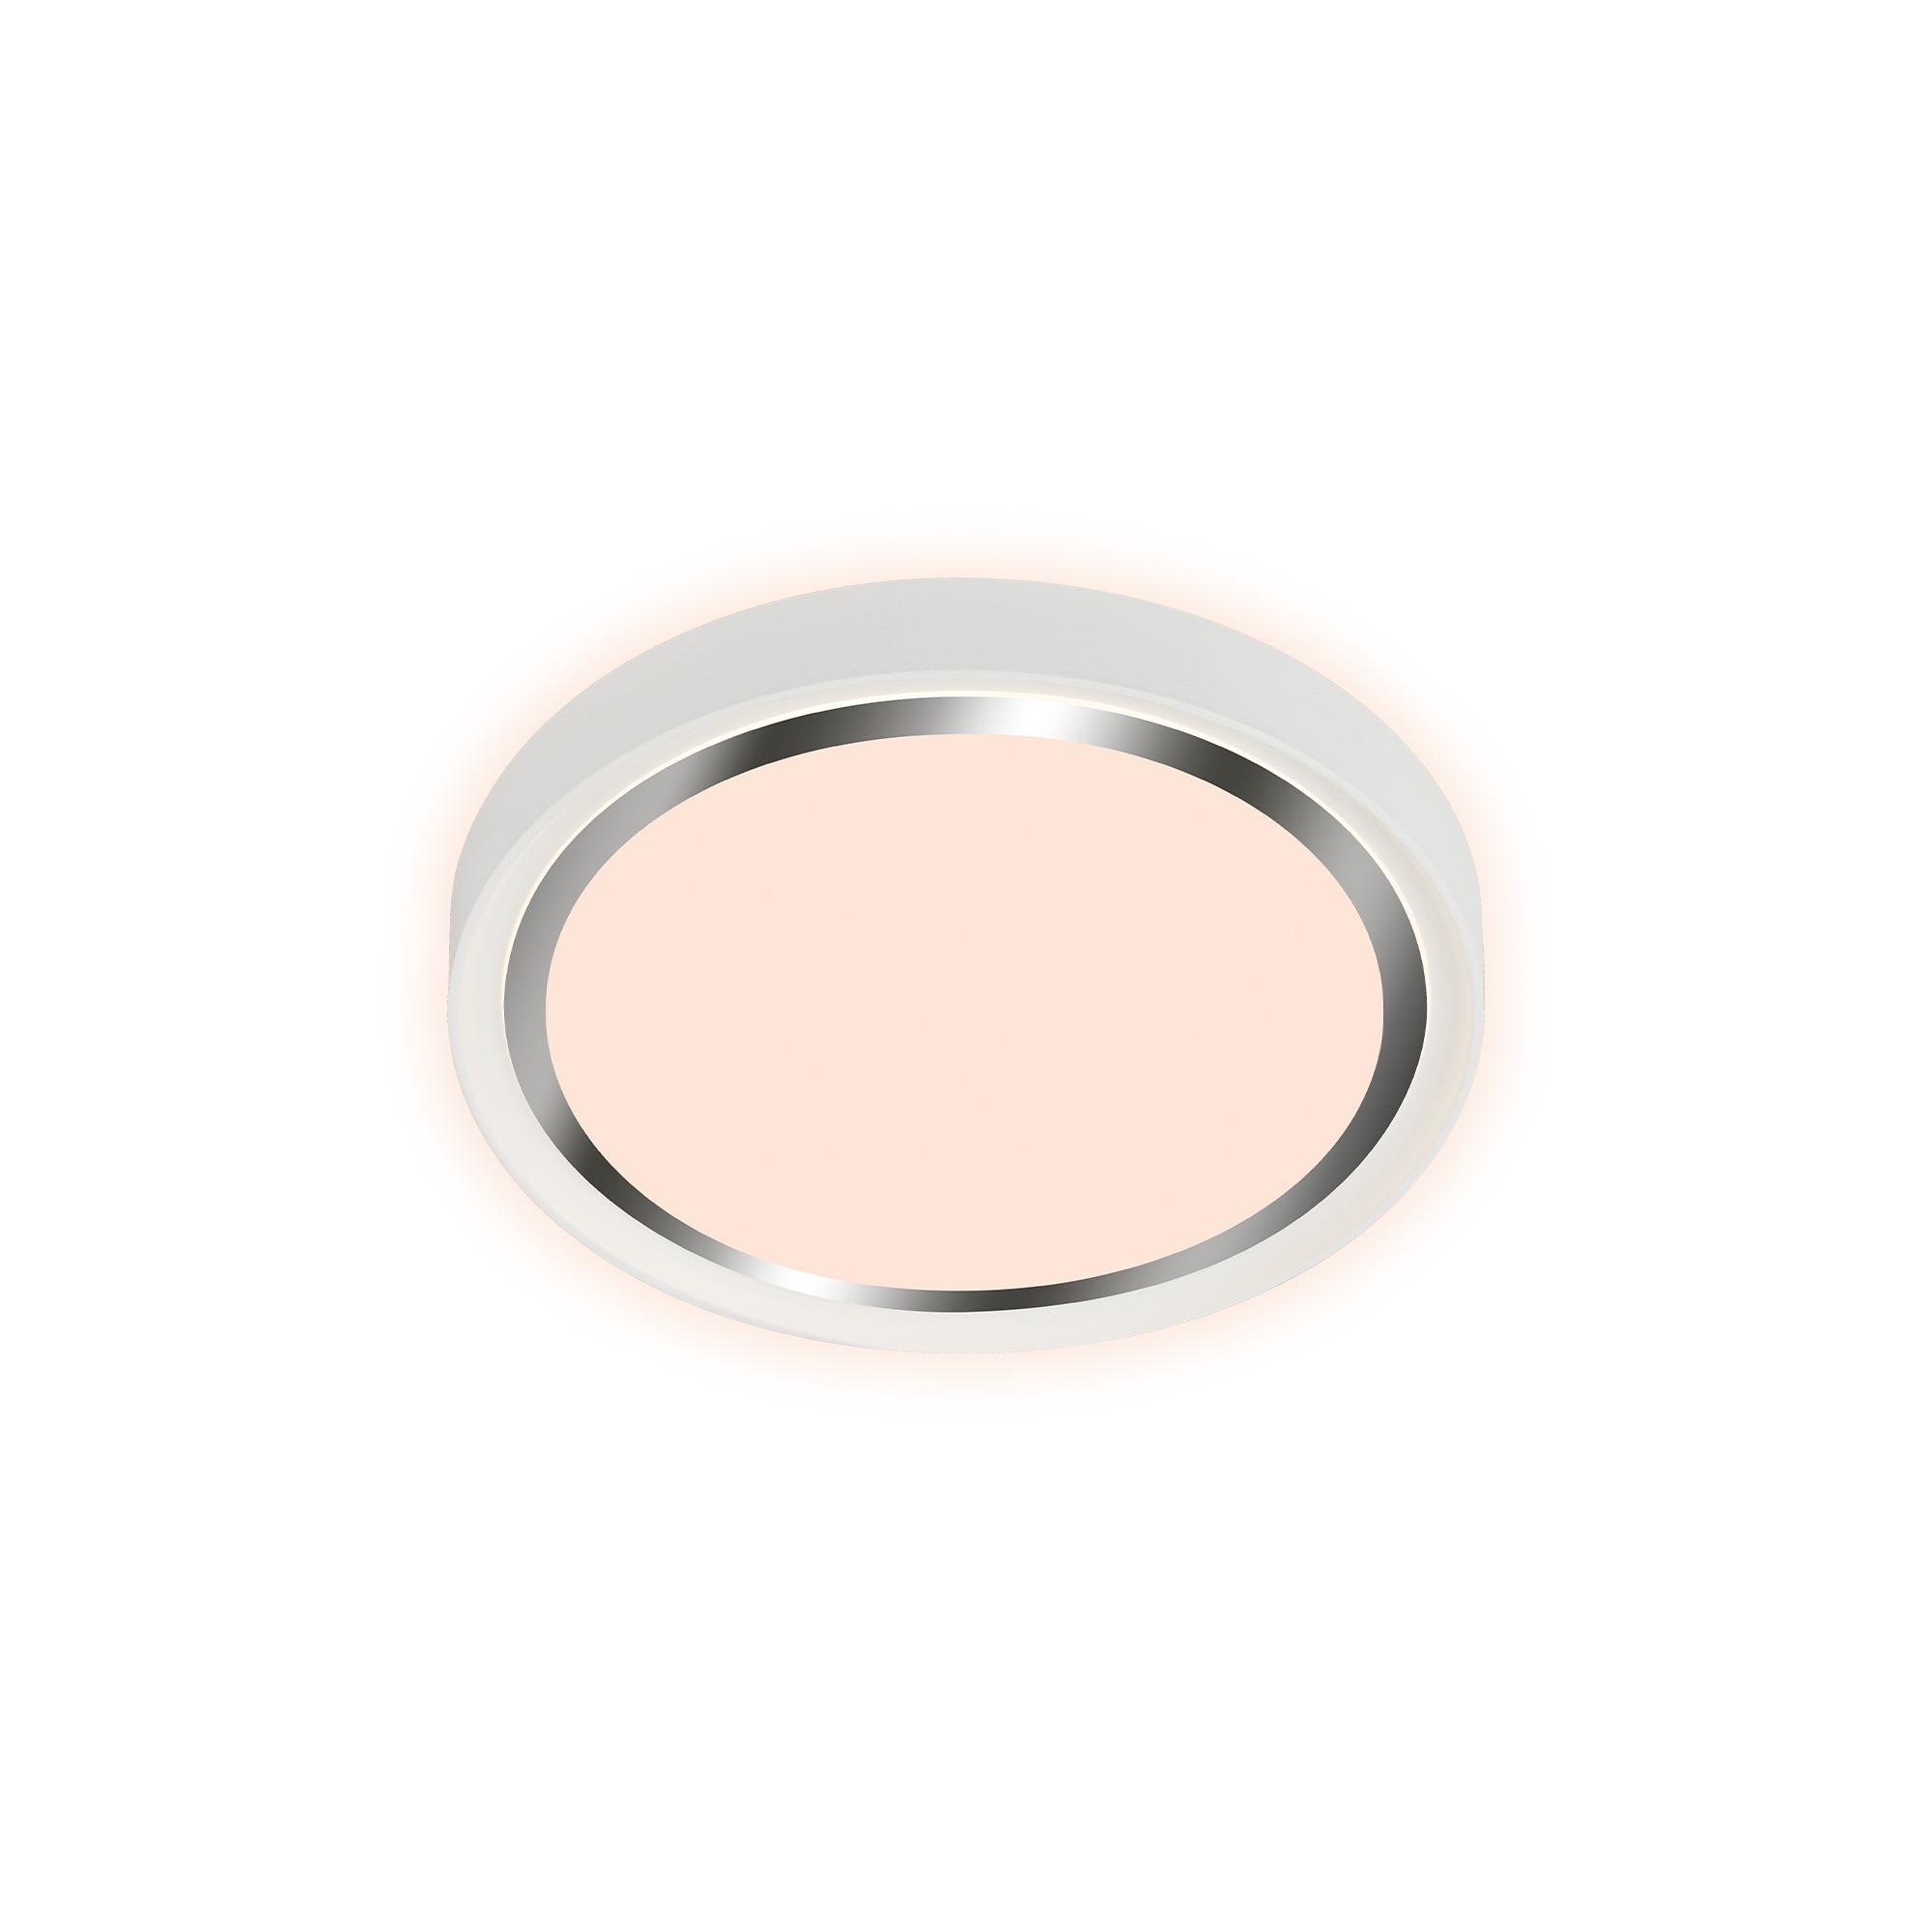 LED Deckenleuchte, Ø 33,4 cm, 15 W, Weiß